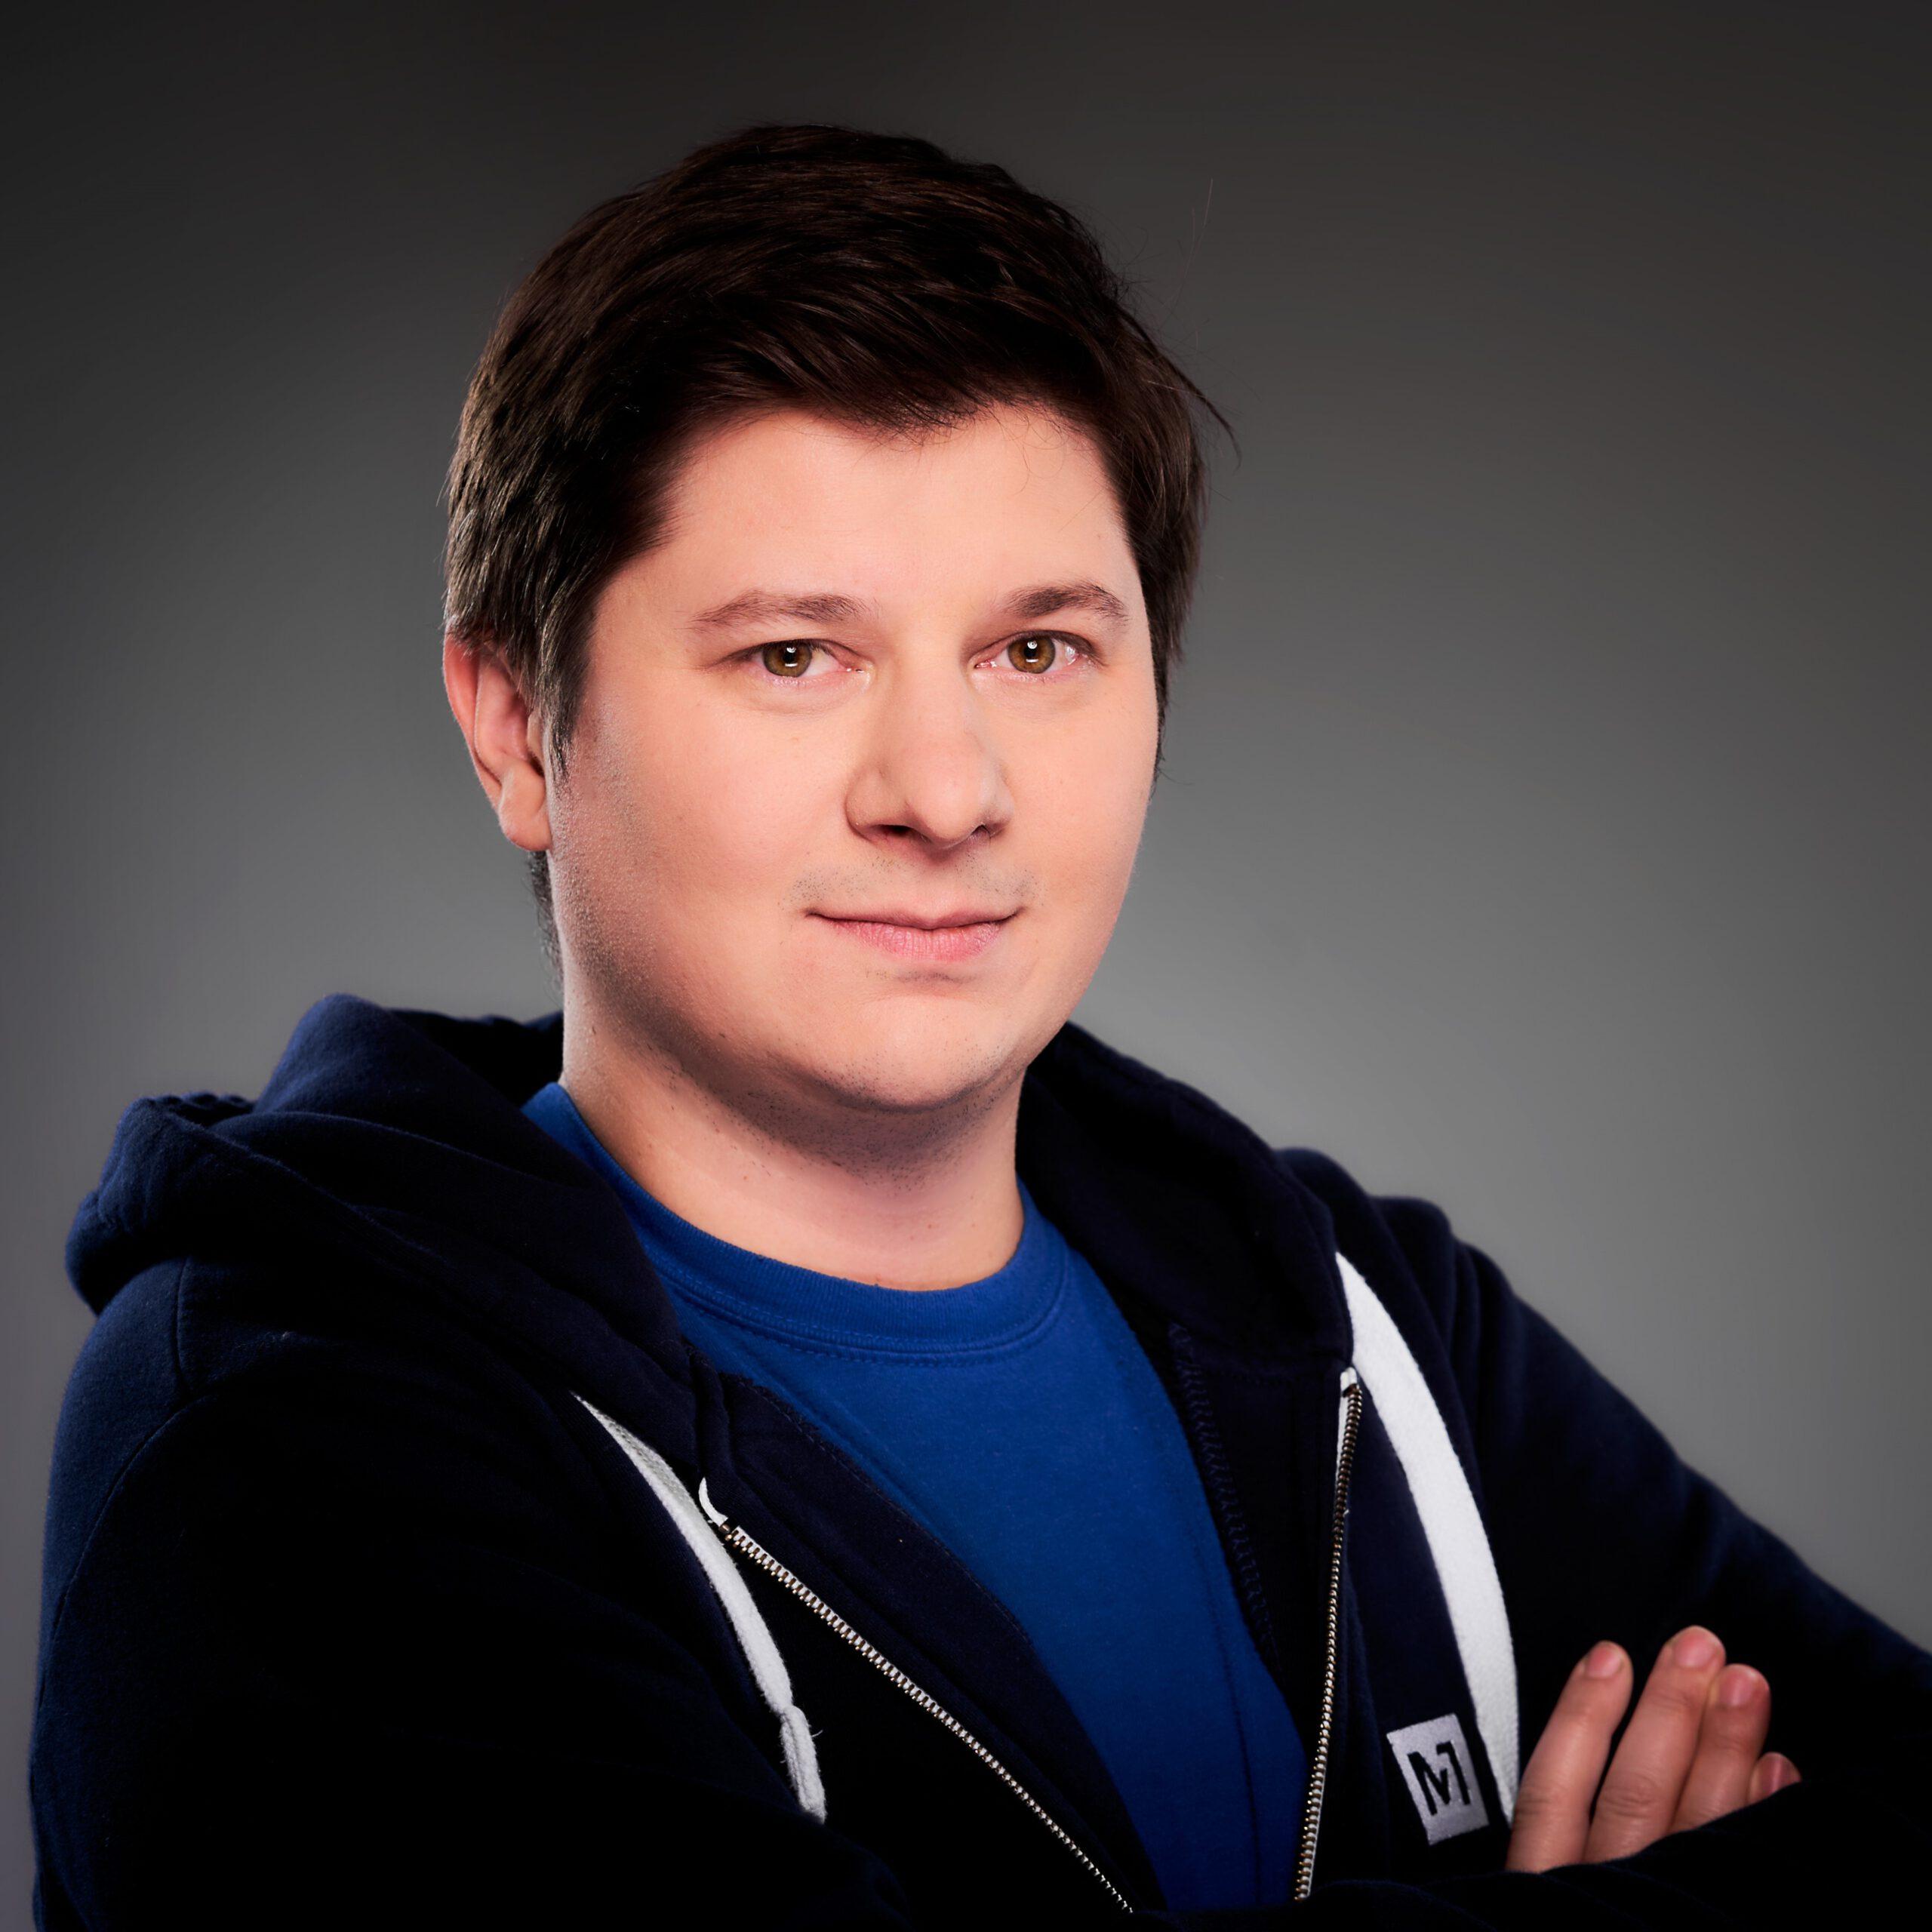 Jakub Ślusarczyk